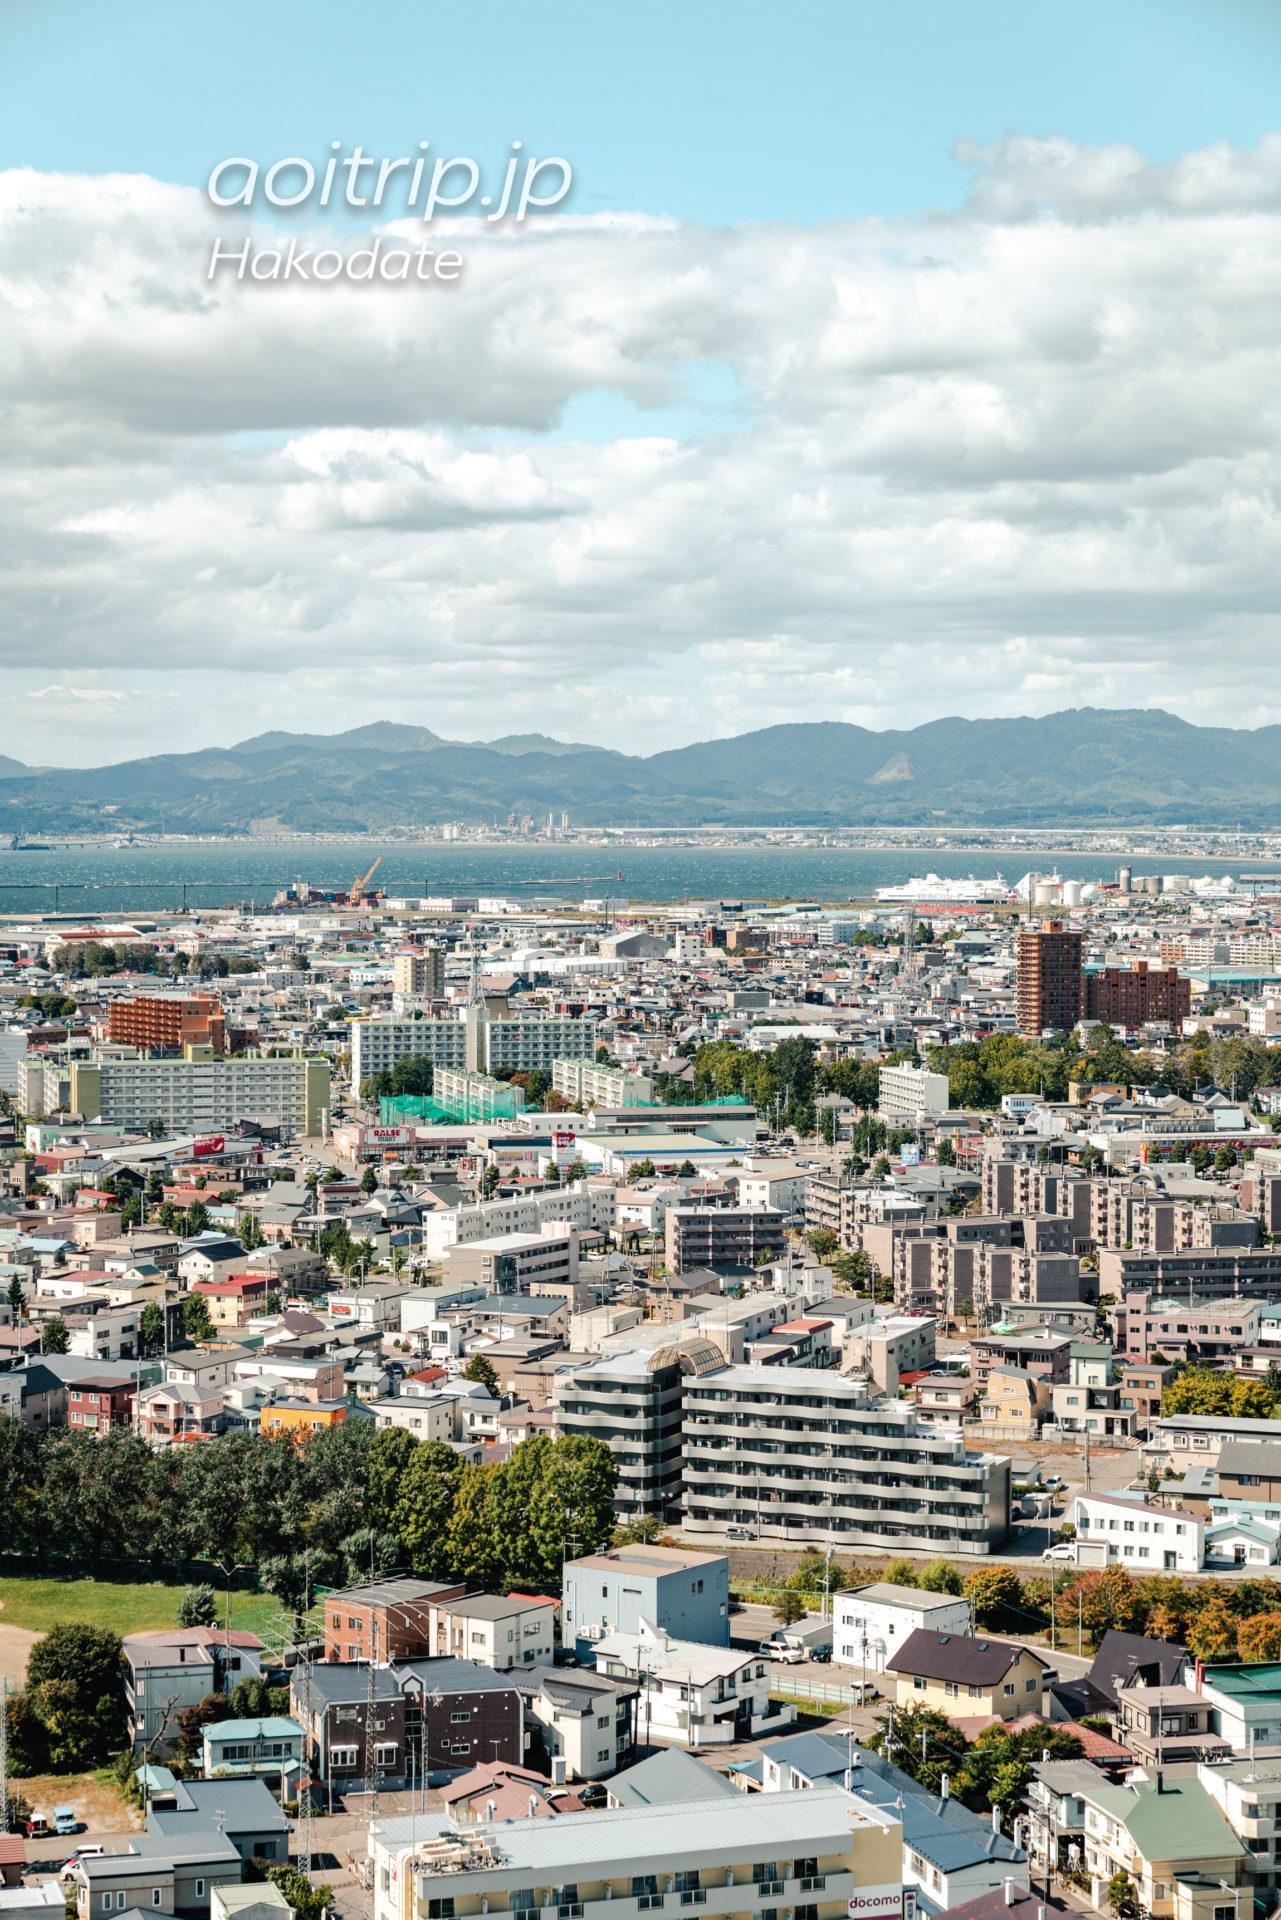 函館 五稜郭タワーからの眺望 北斗